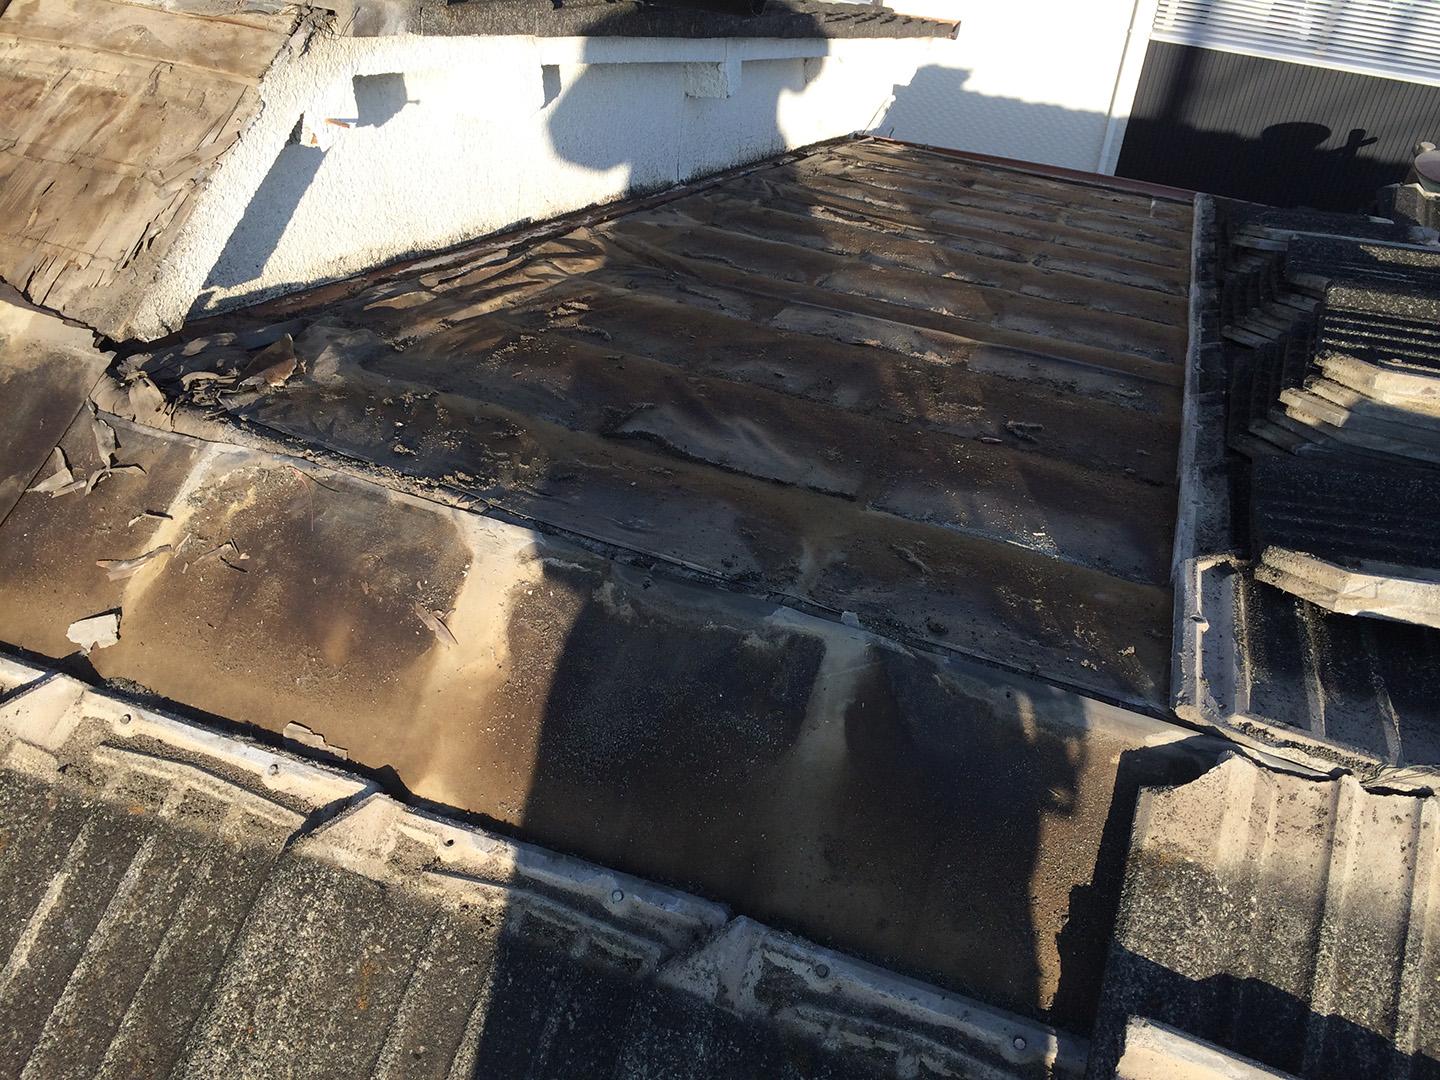 【東京都品川区】厚型スレート (コンクリ瓦) 屋根の雨漏り、部分修理工事の事例 棟違い雨漏り修理工事